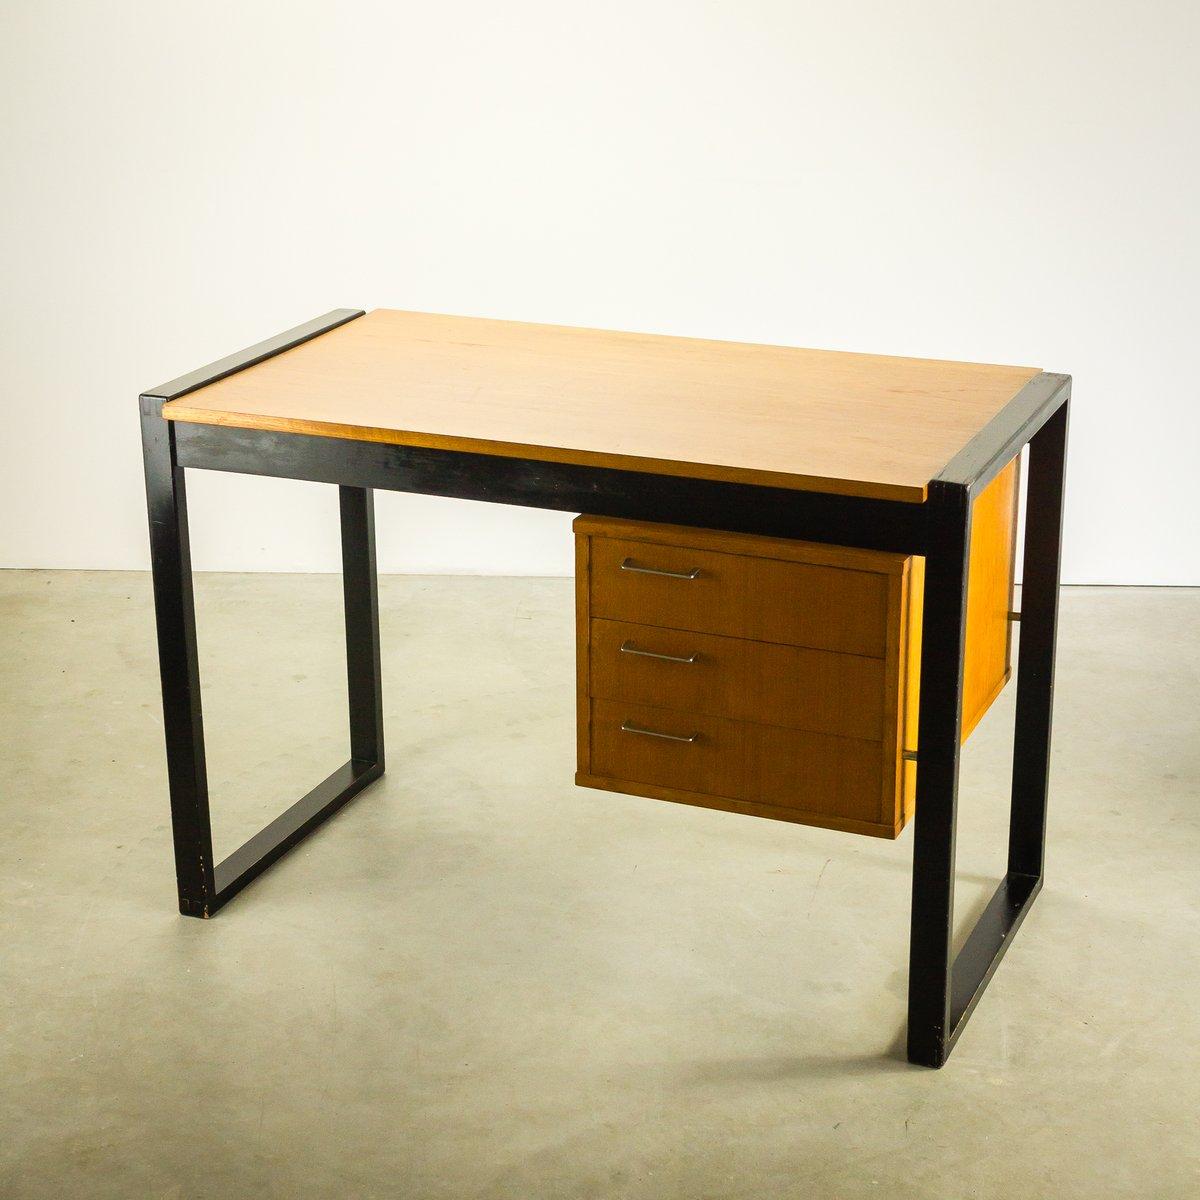 kleiner teak schreibtisch mit drei schubladen 1970er bei pamono kaufen. Black Bedroom Furniture Sets. Home Design Ideas